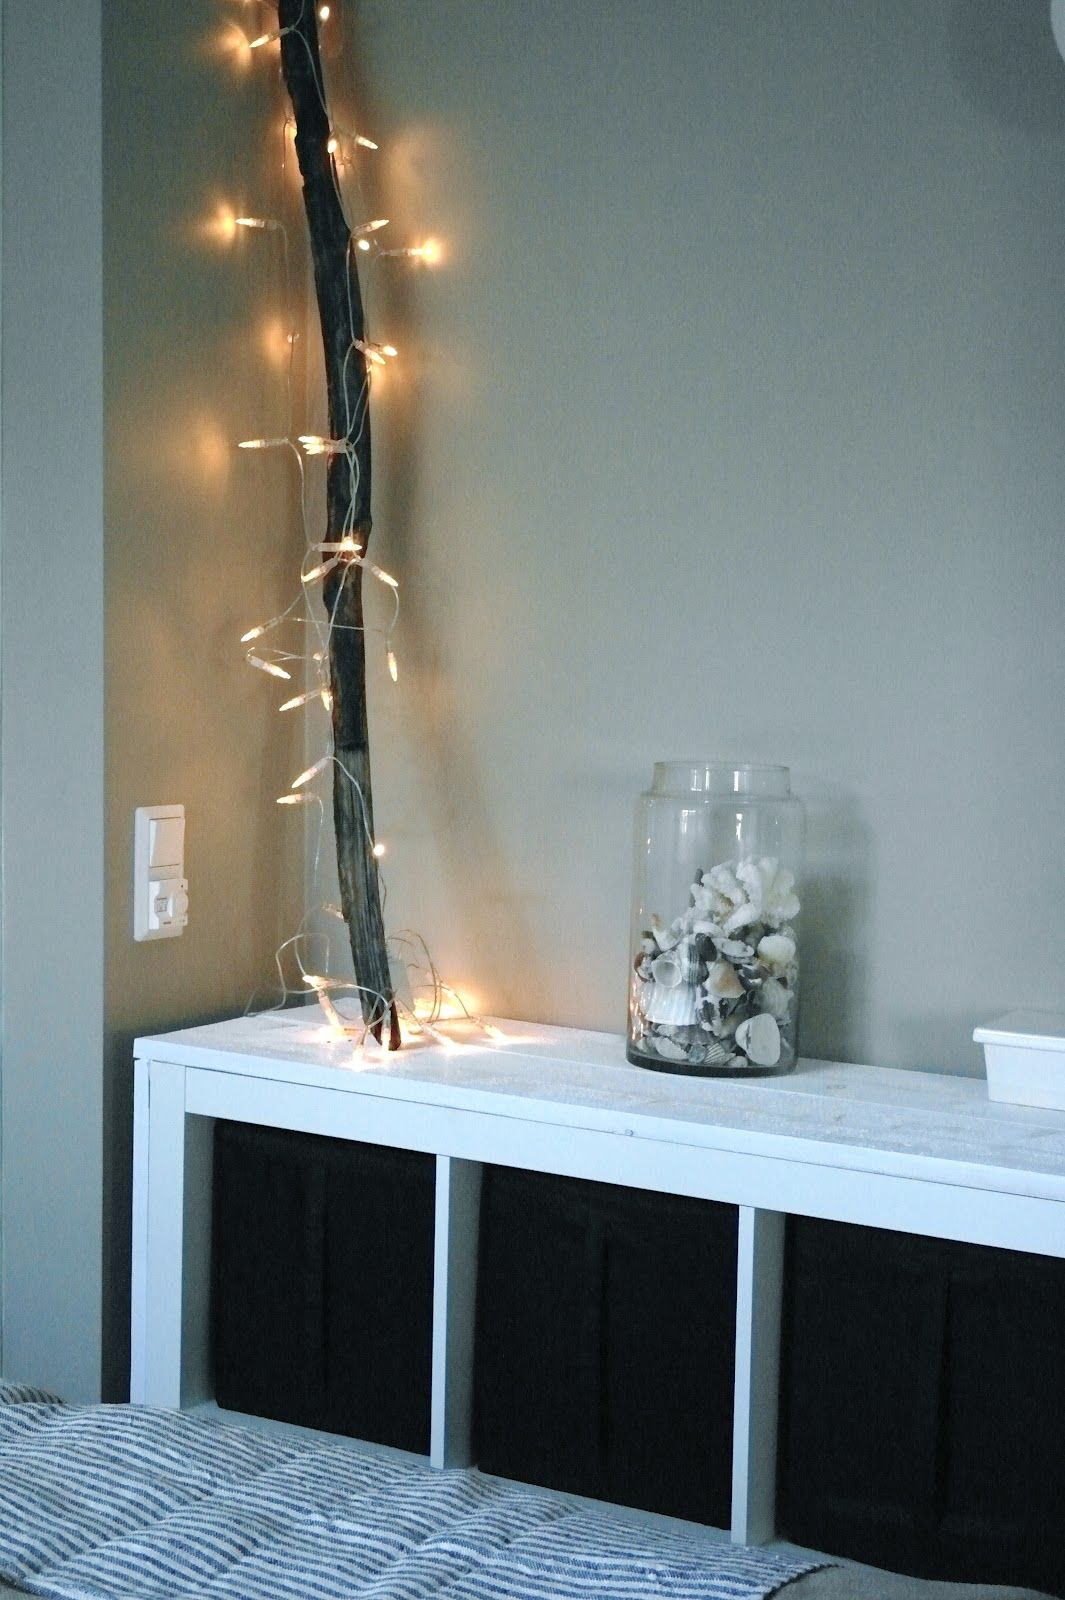 Lichterkette Wohnzimmer Kaminkonsole Dekorieren Ideen Und